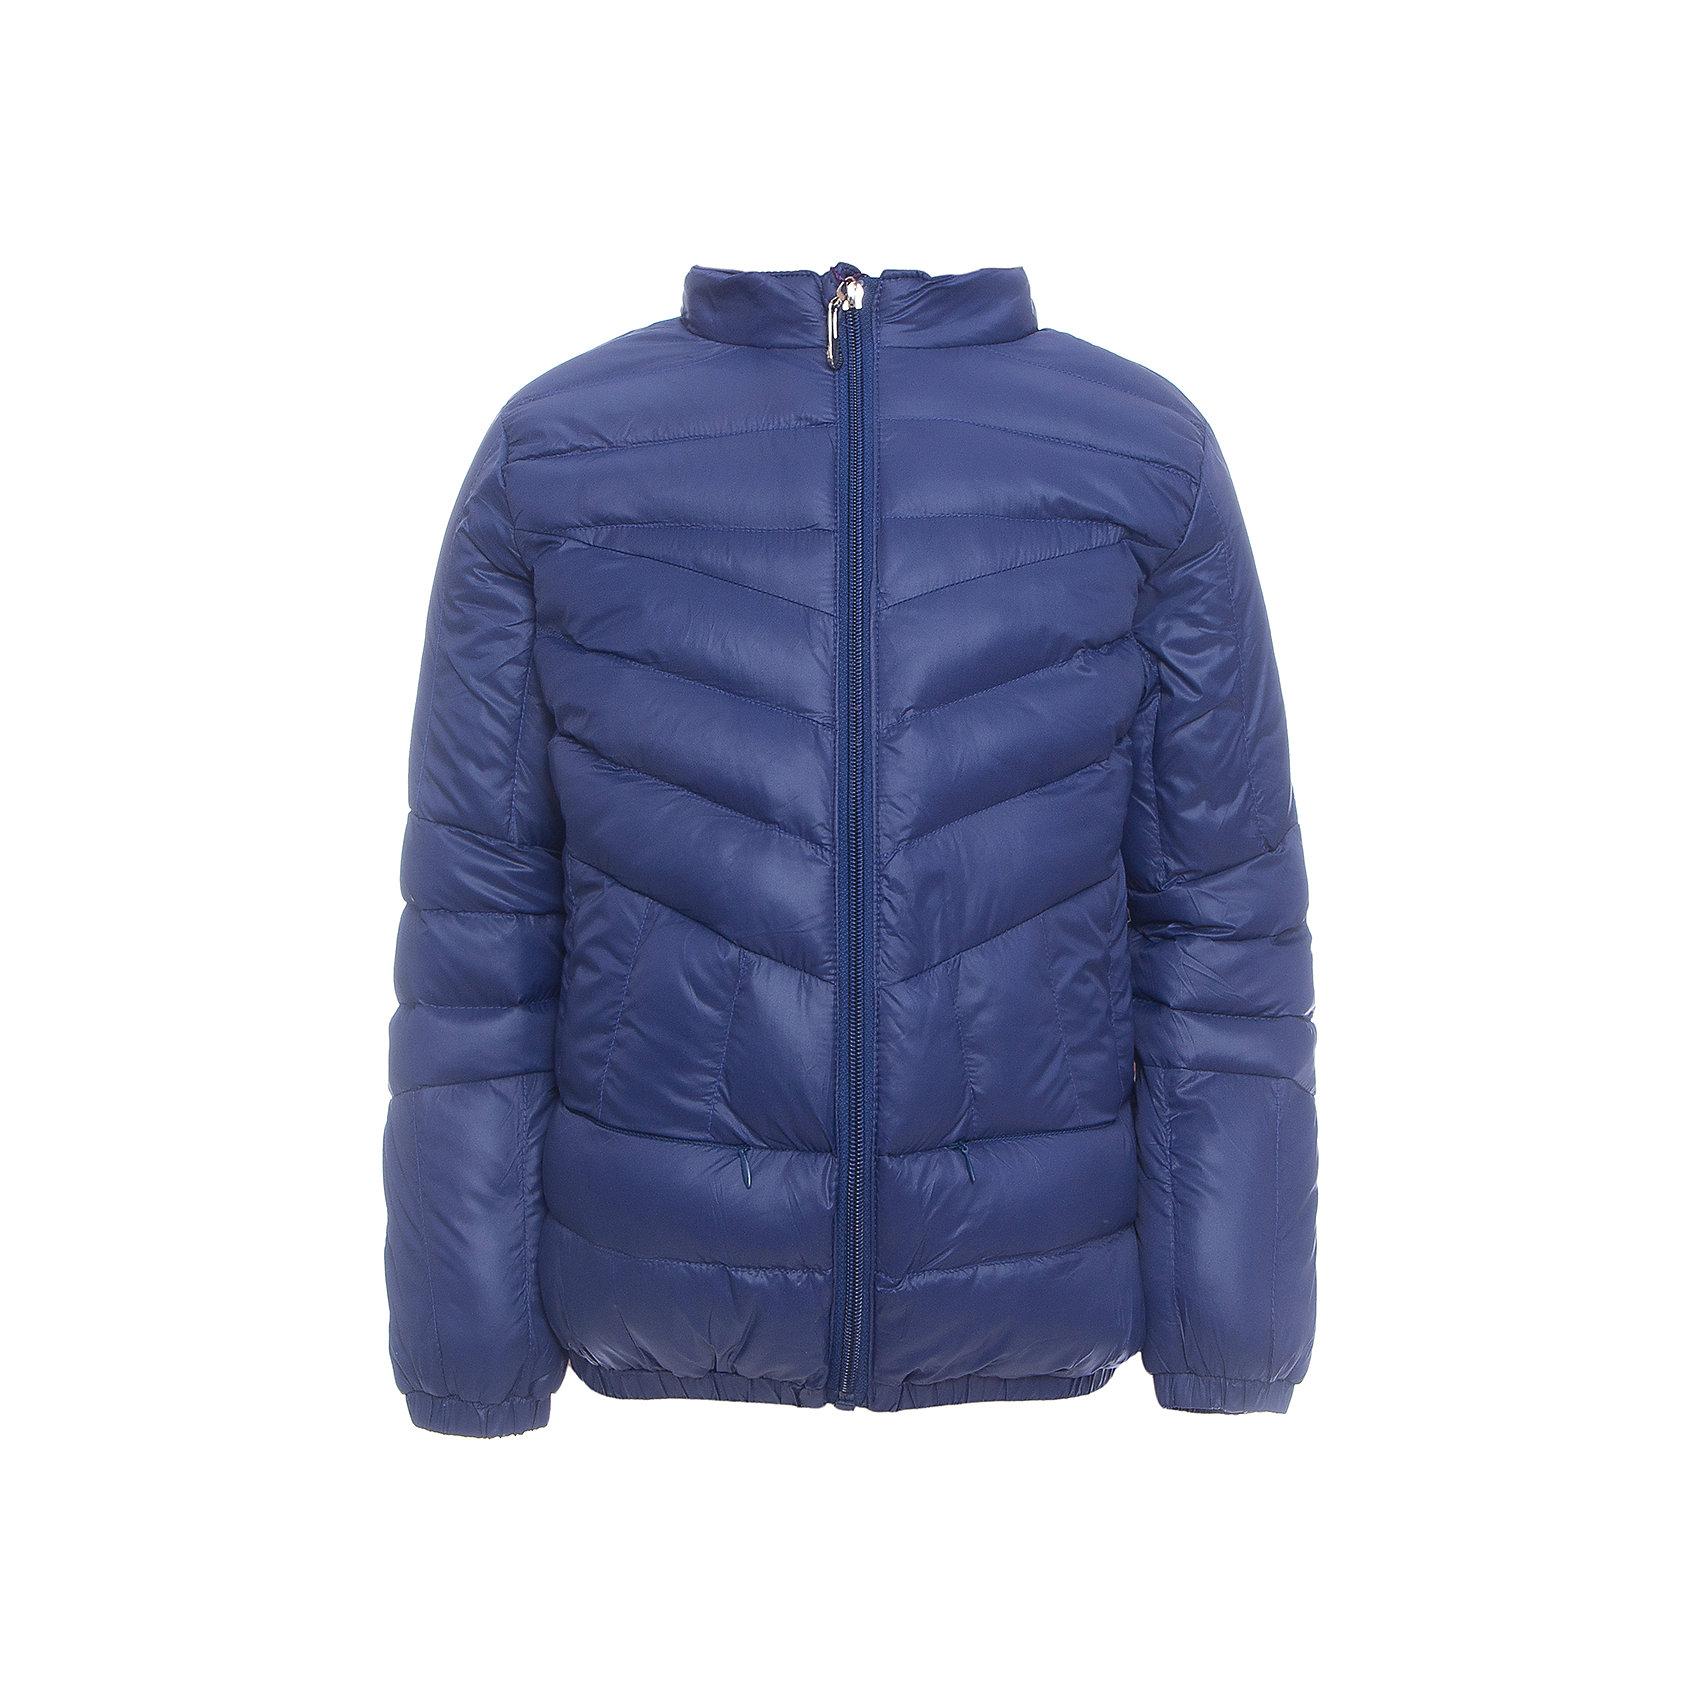 Куртка для девочки Sweet BerryЛегкая и удобная стеганая куртка с воротничком-стойкой для девочки. Два прорезных карманы на молнии.<br>Состав:<br>Верх: 100%нейлон.  Подкладка: 100%полиэстер. Наполнитель: 100%полиэстер<br><br>Ширина мм: 356<br>Глубина мм: 10<br>Высота мм: 245<br>Вес г: 519<br>Цвет: синий<br>Возраст от месяцев: 36<br>Возраст до месяцев: 48<br>Пол: Женский<br>Возраст: Детский<br>Размер: 104,98,110,116,122,128<br>SKU: 5411863